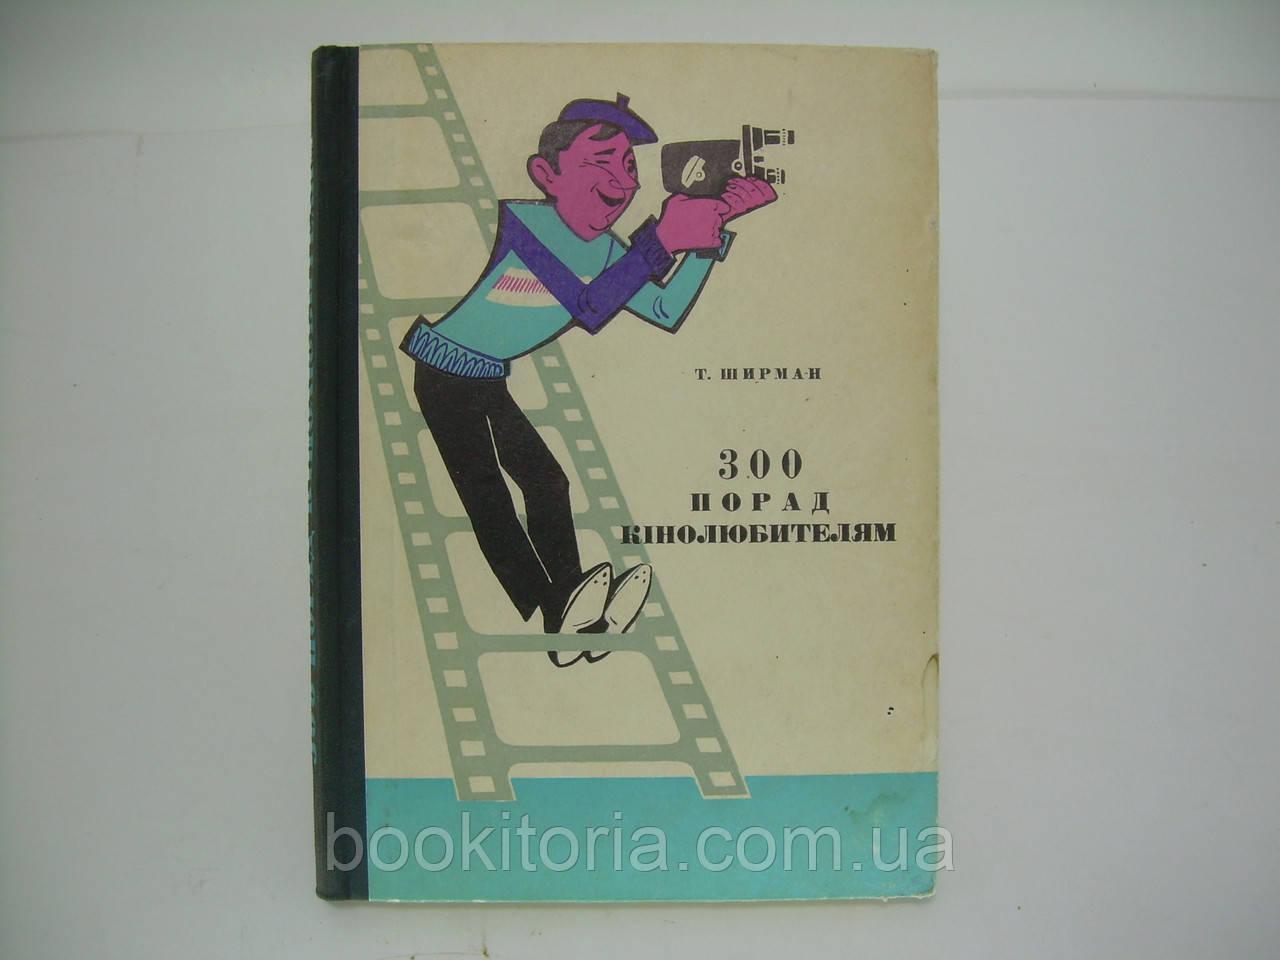 Ширман Н. 300 порад кінолюбителям. Книга перша (б/у).